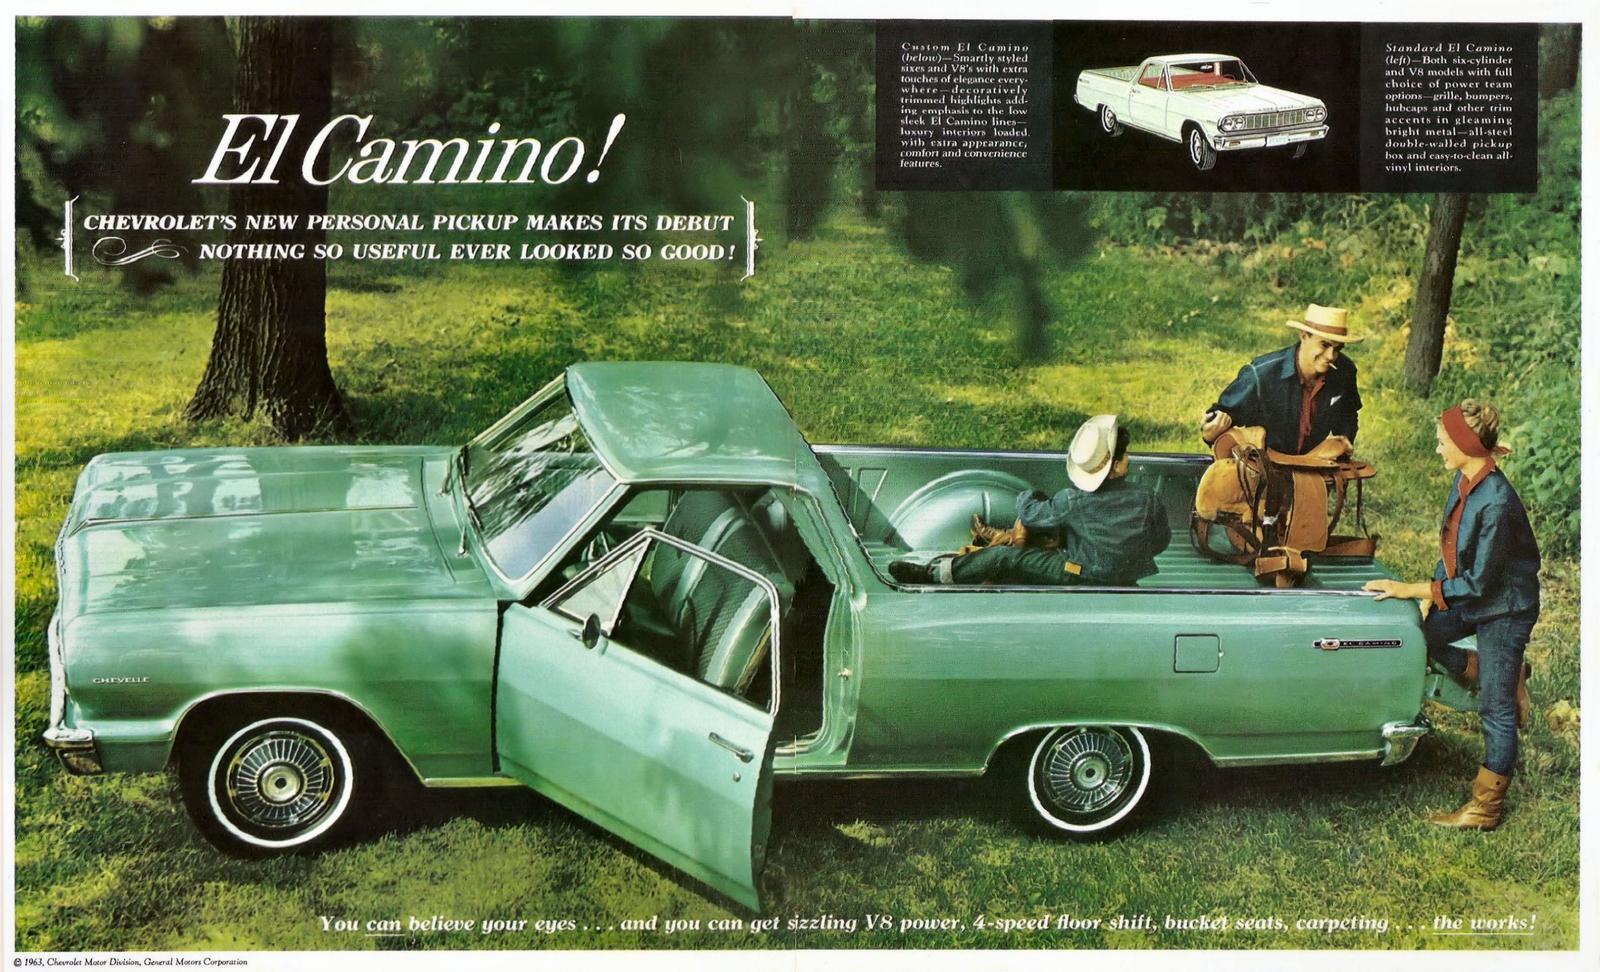 1964 El Camino